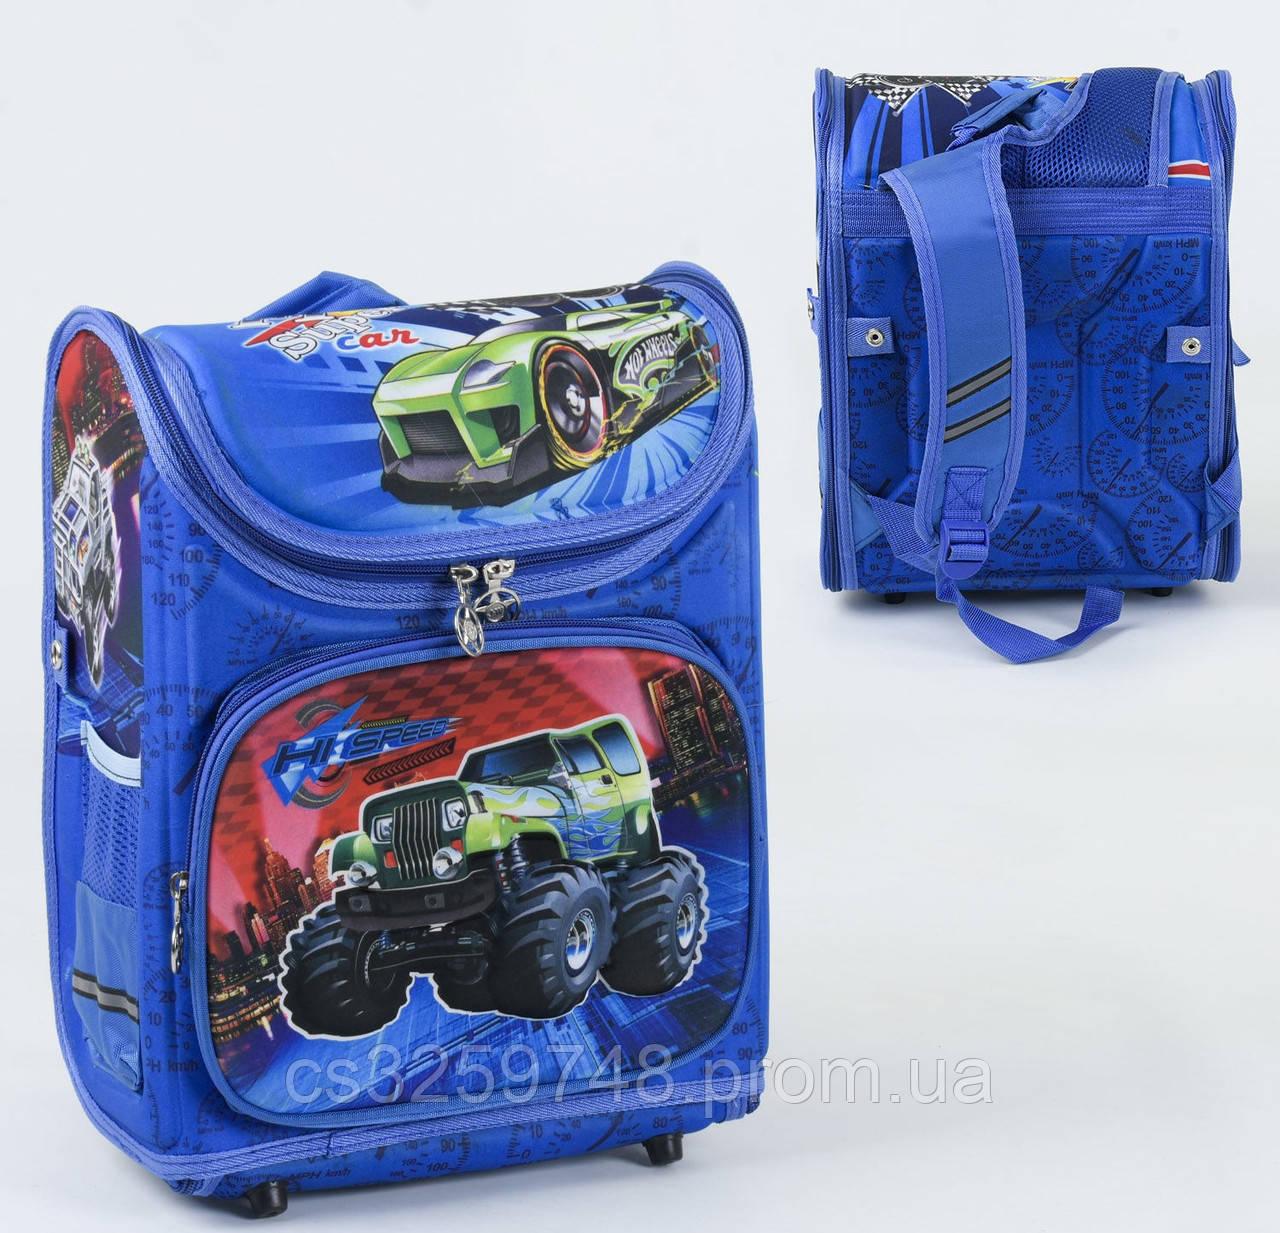 Школьный каркасный рюкзак С 36174 с ортопедической спинкой на 1 большое отделение и 3 кармана, 3D принт